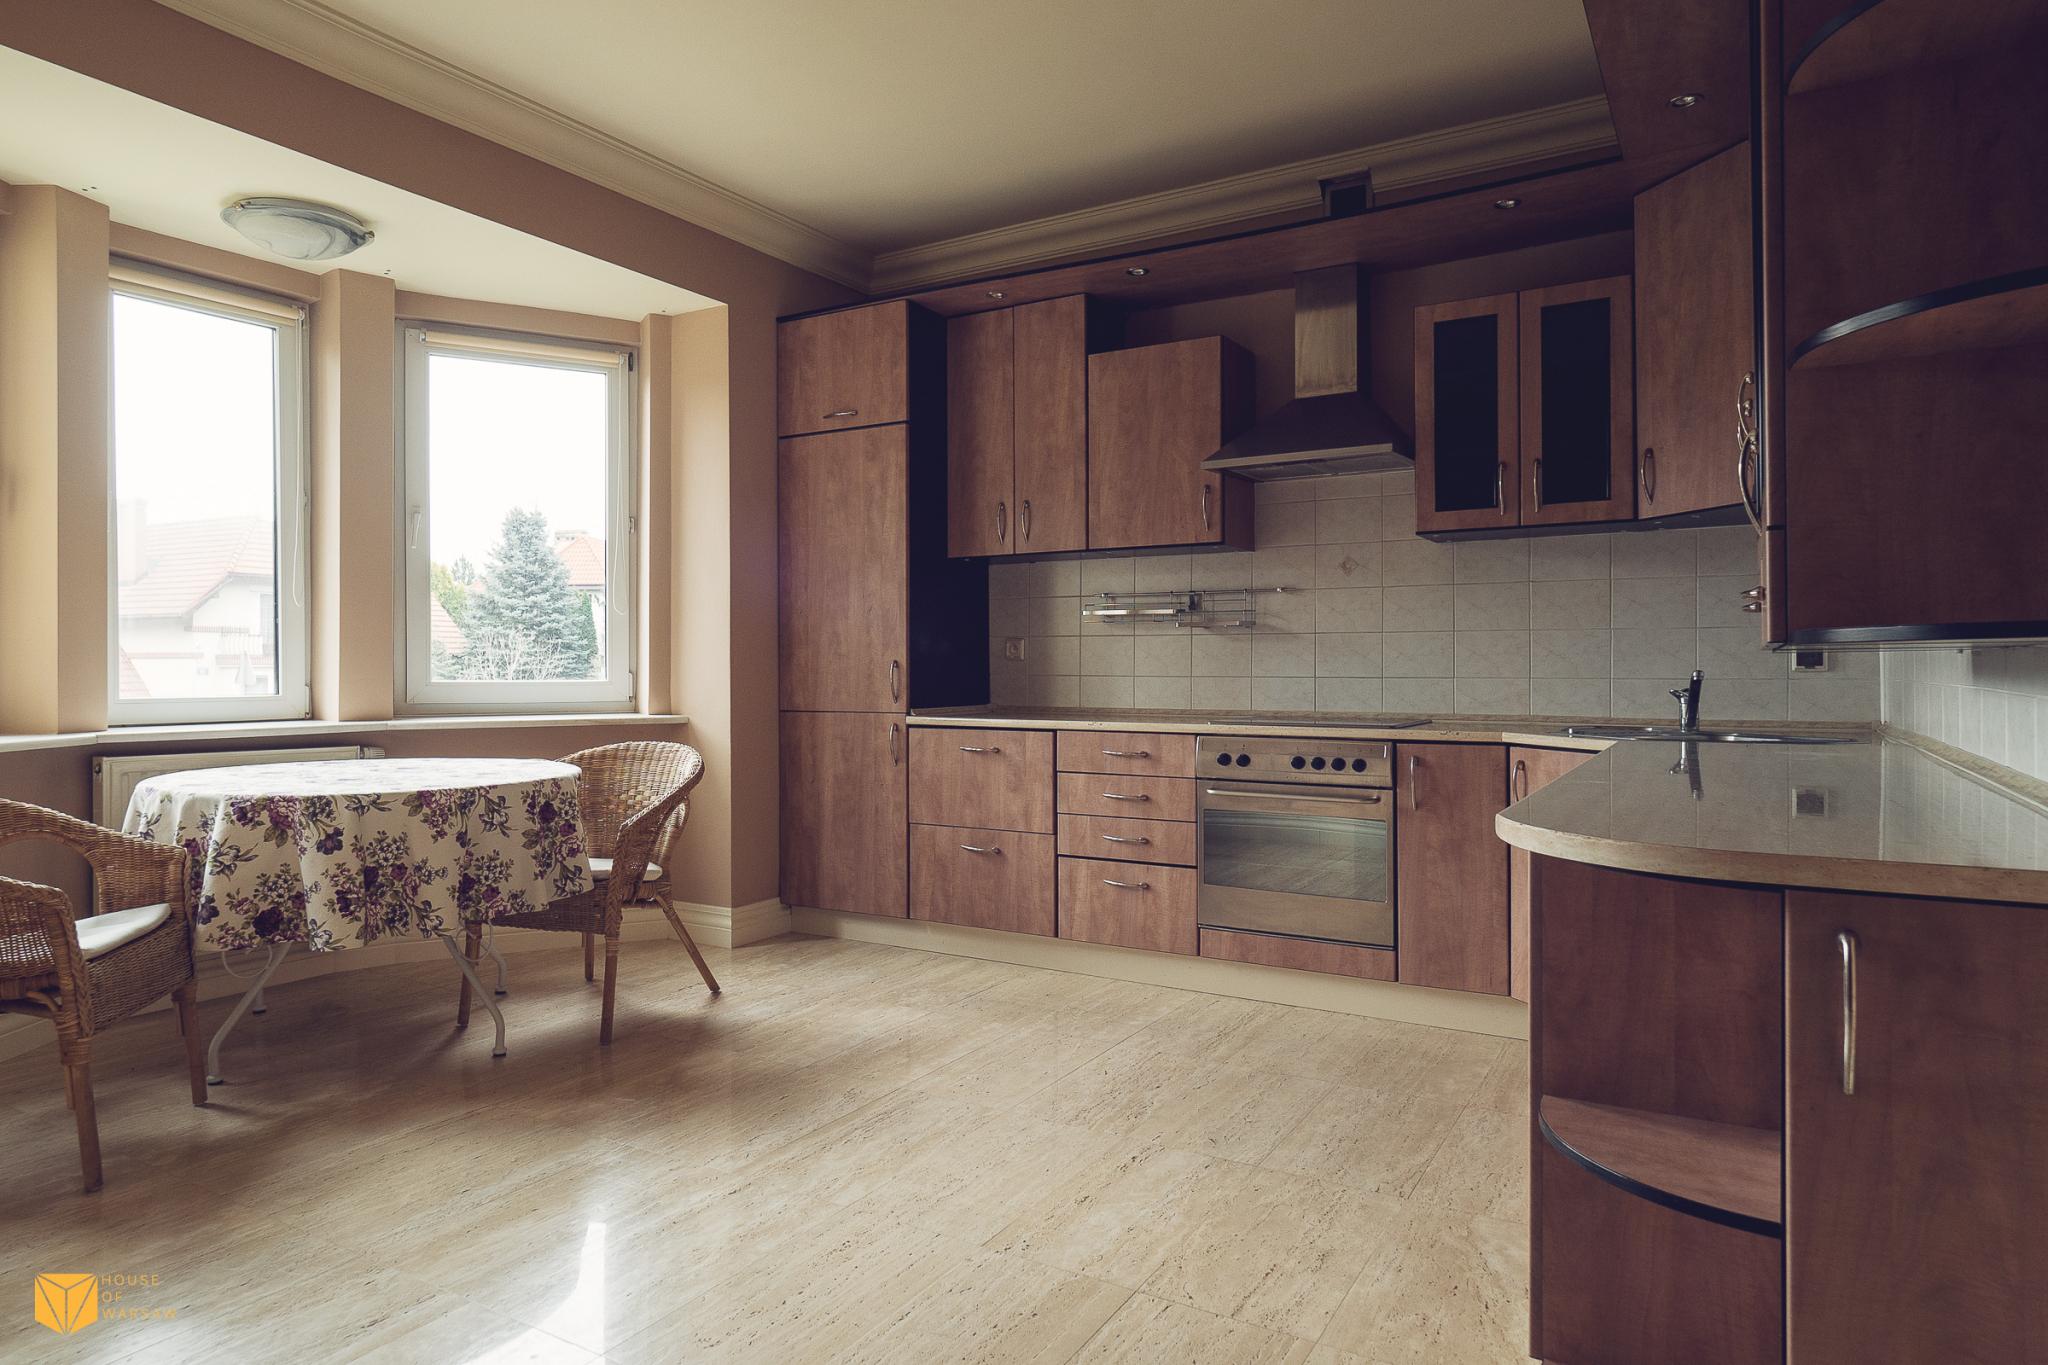 Dom wolnostojący Konstancin-Jeziorna do sprzedaży, działka 1200 m2 - 4